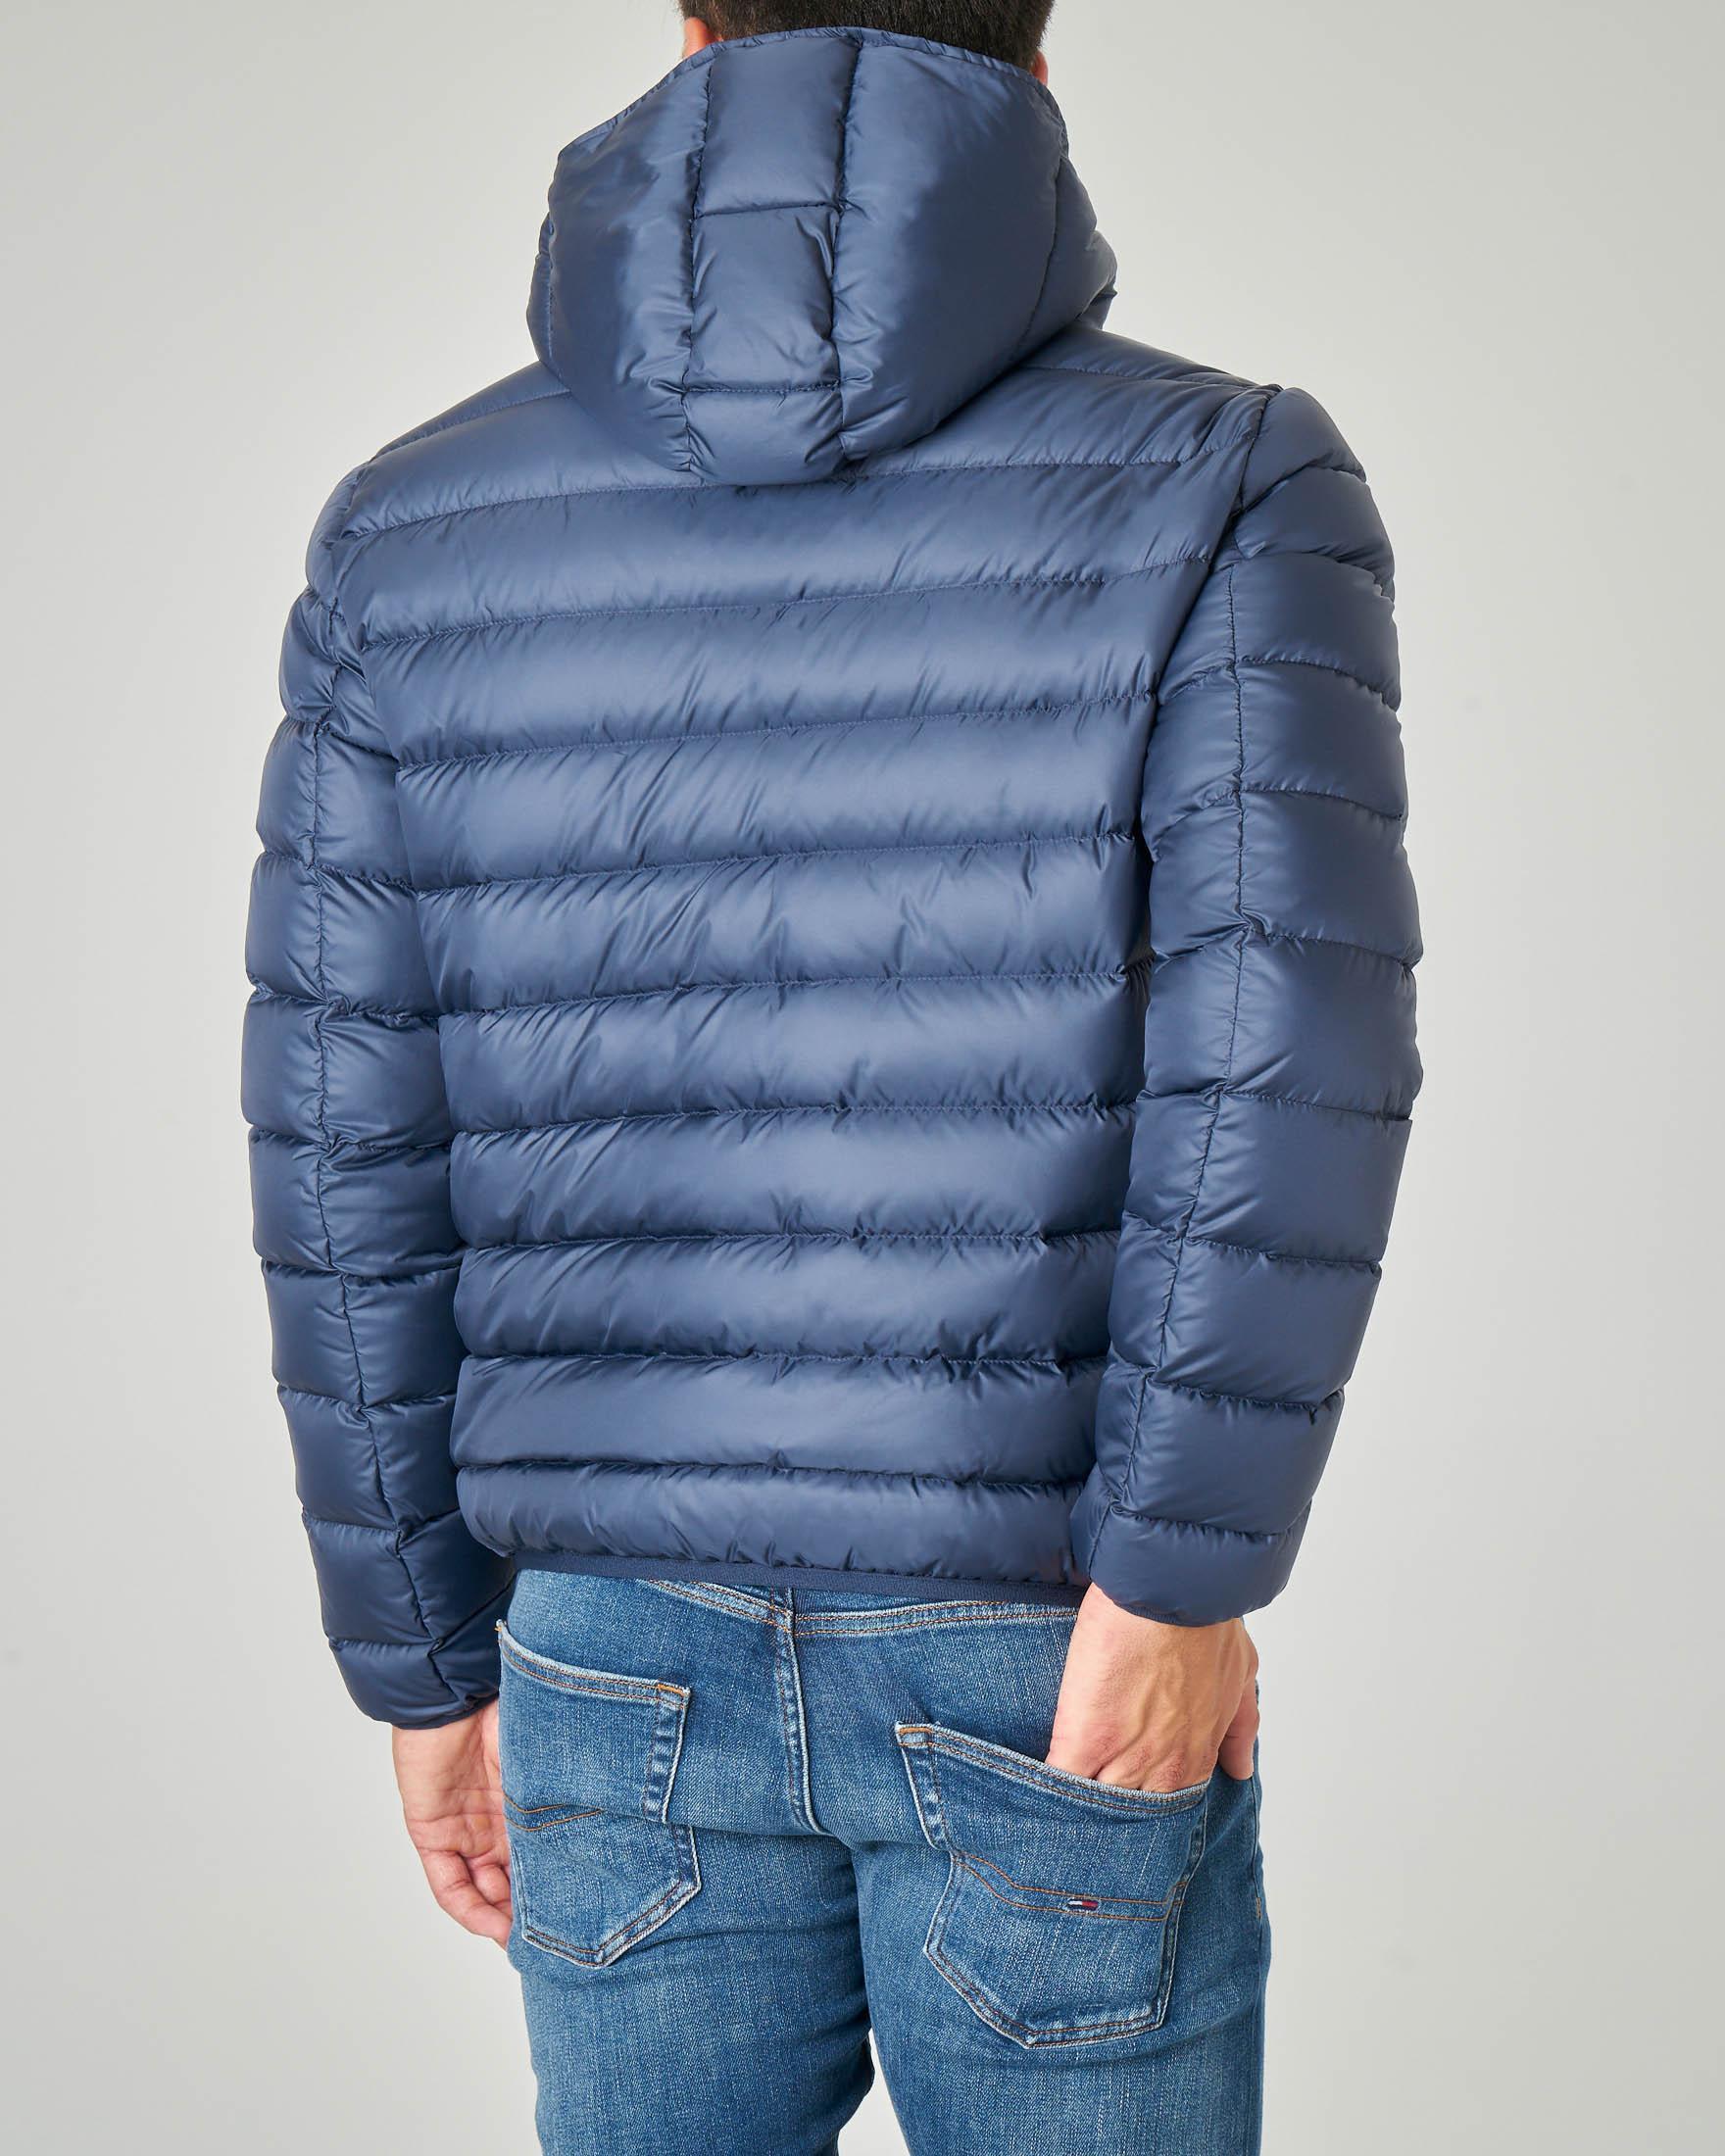 Piumino blu con cappuccio fisso